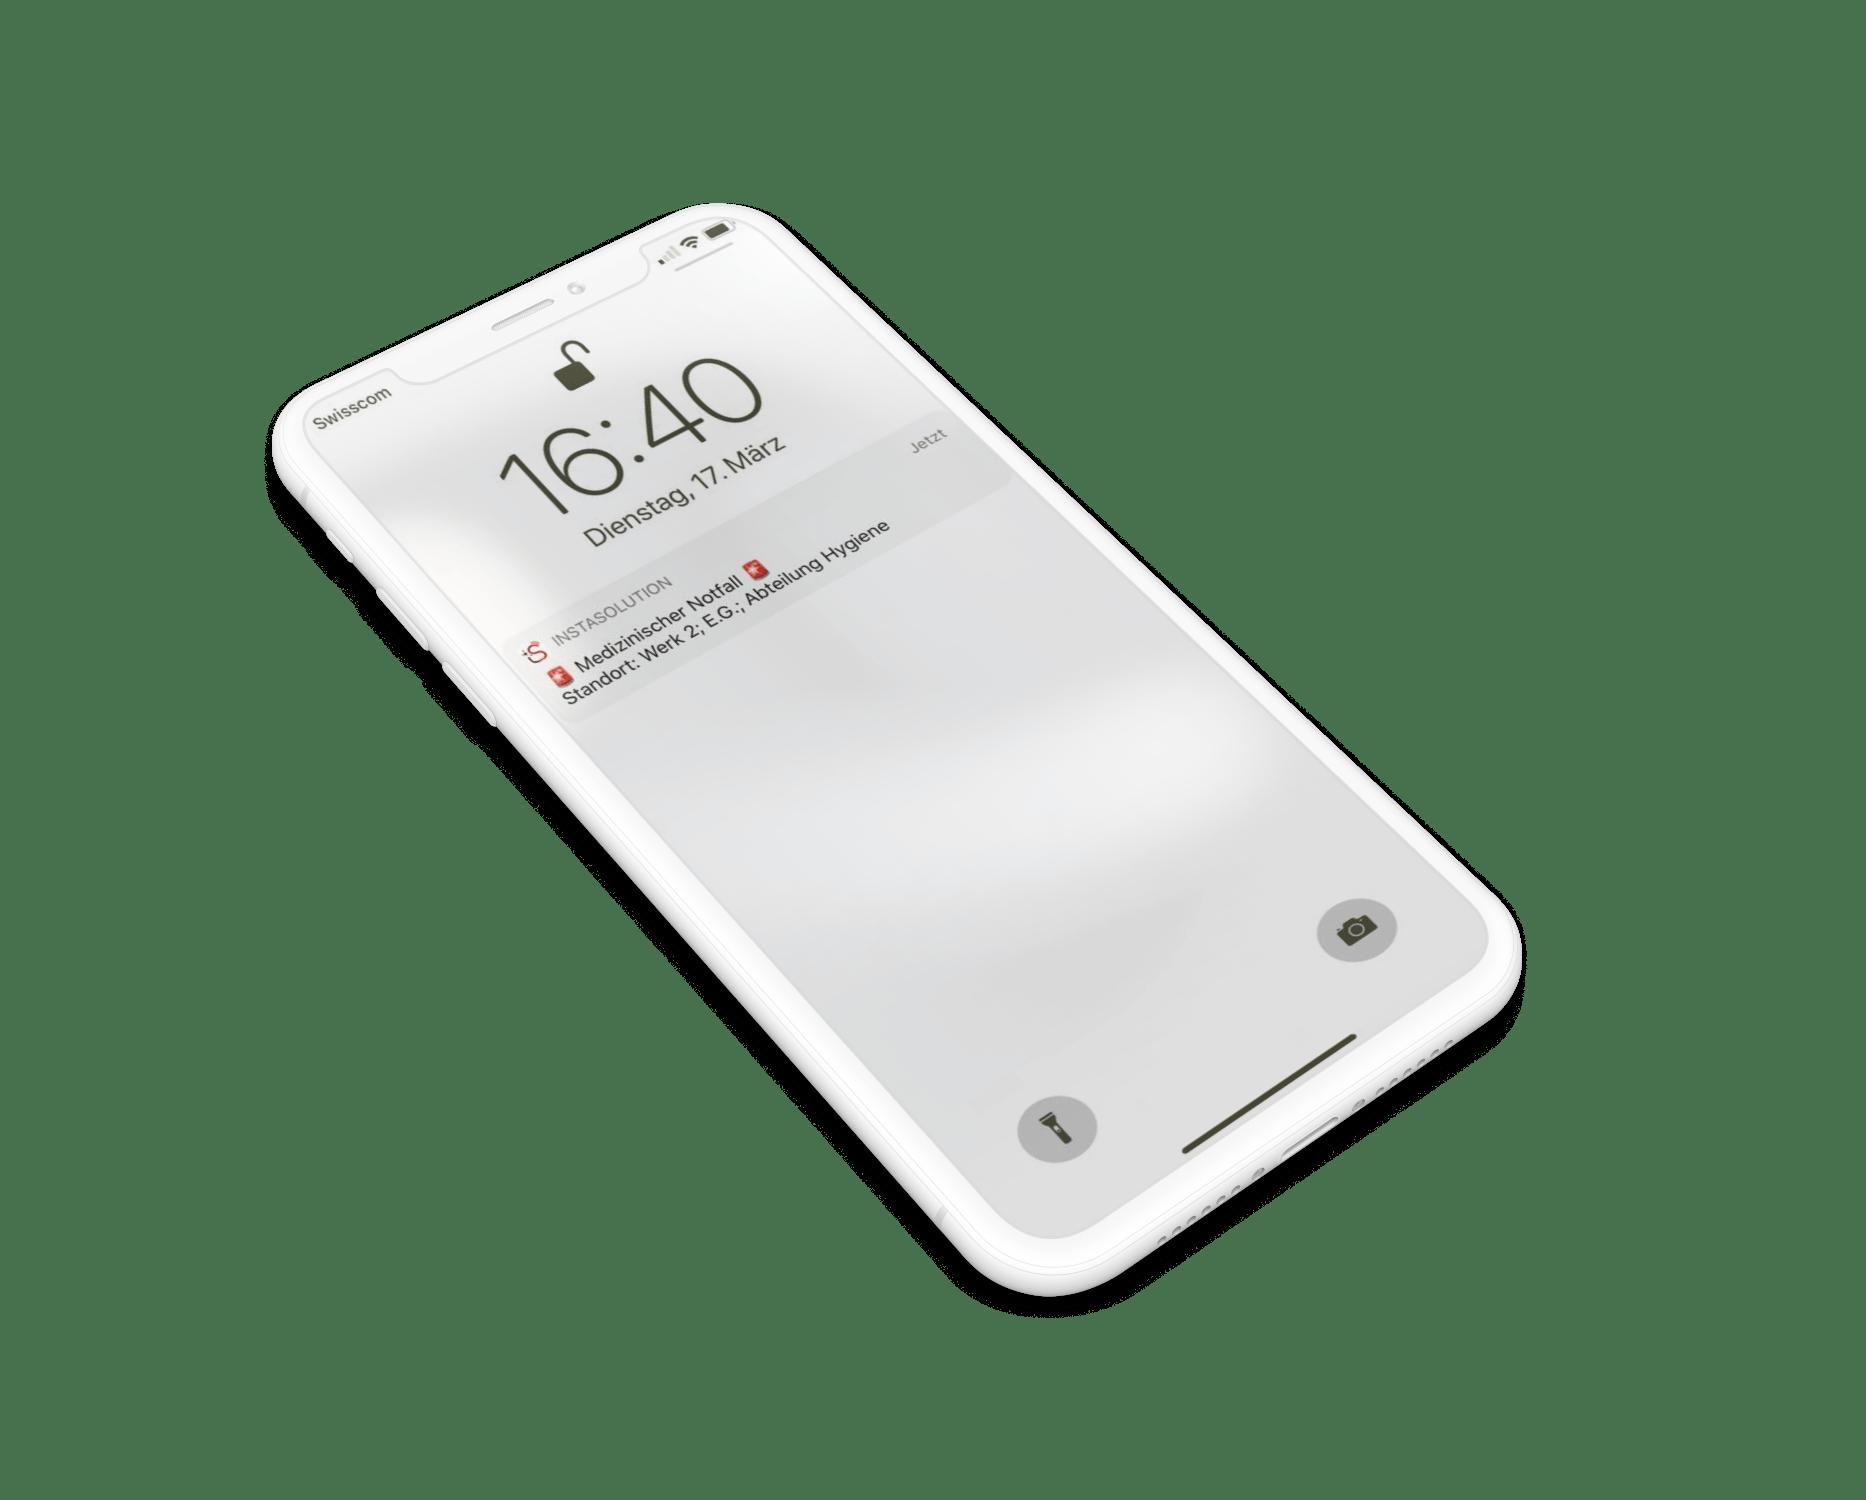 Erste-Hilfe-Koffersystem iQ Pro mit integrierter Alarmfunktion